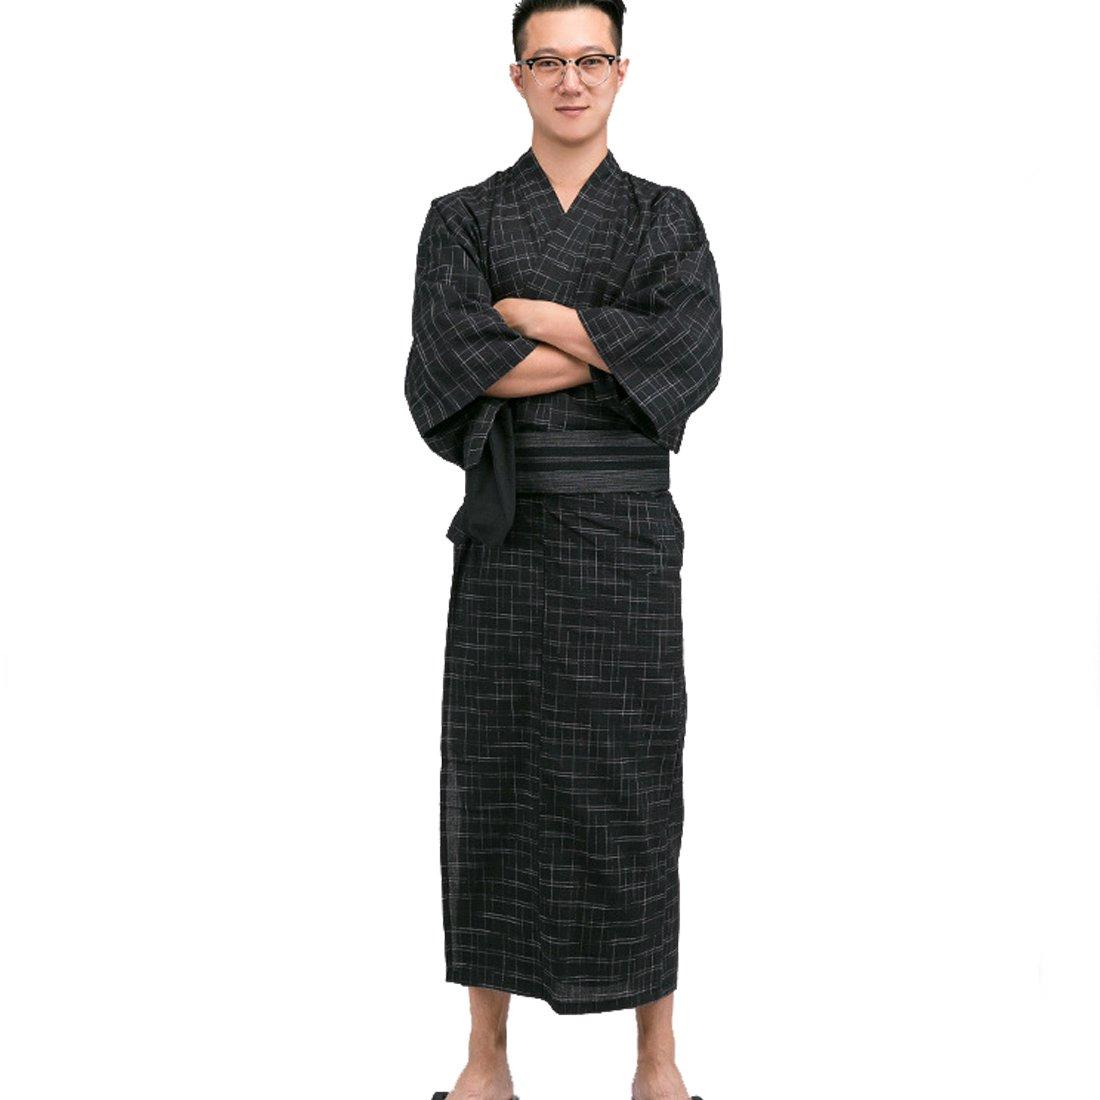 MAYSONG Japanese Yukata Kimono Robe OBI Belt Mens Yukata Set M Square Pattern